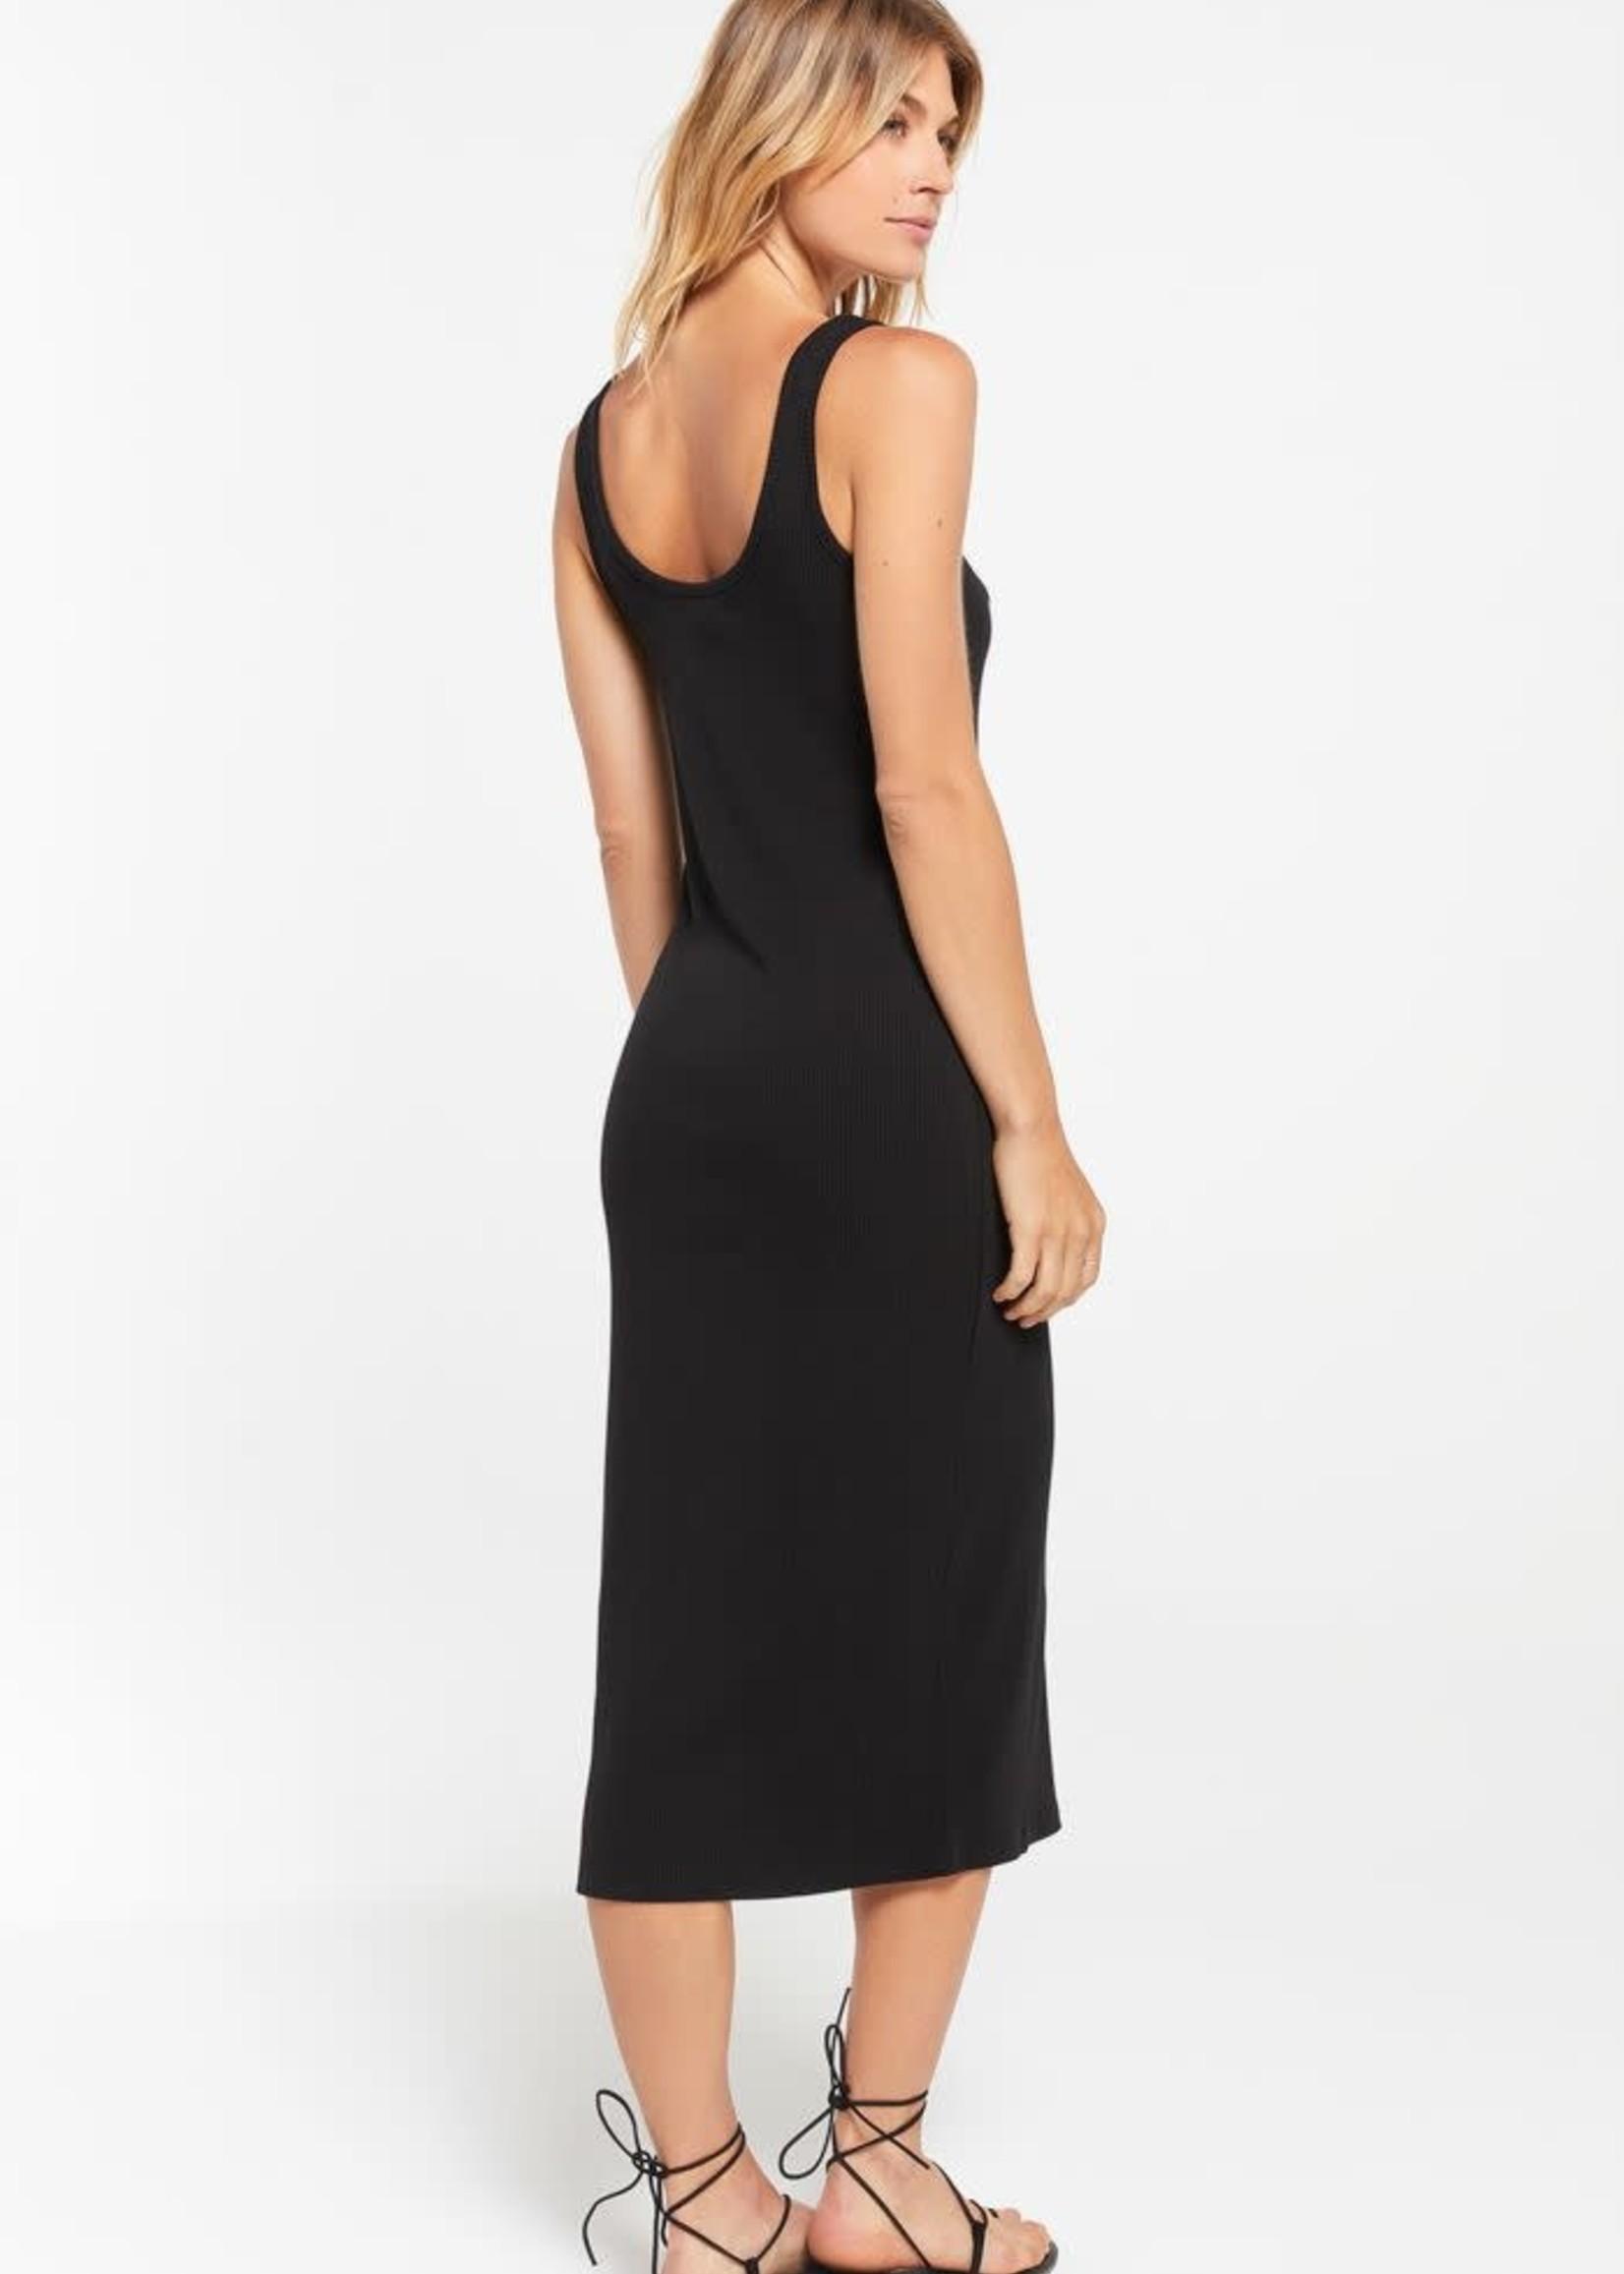 Z Supply Melina Rib Dress